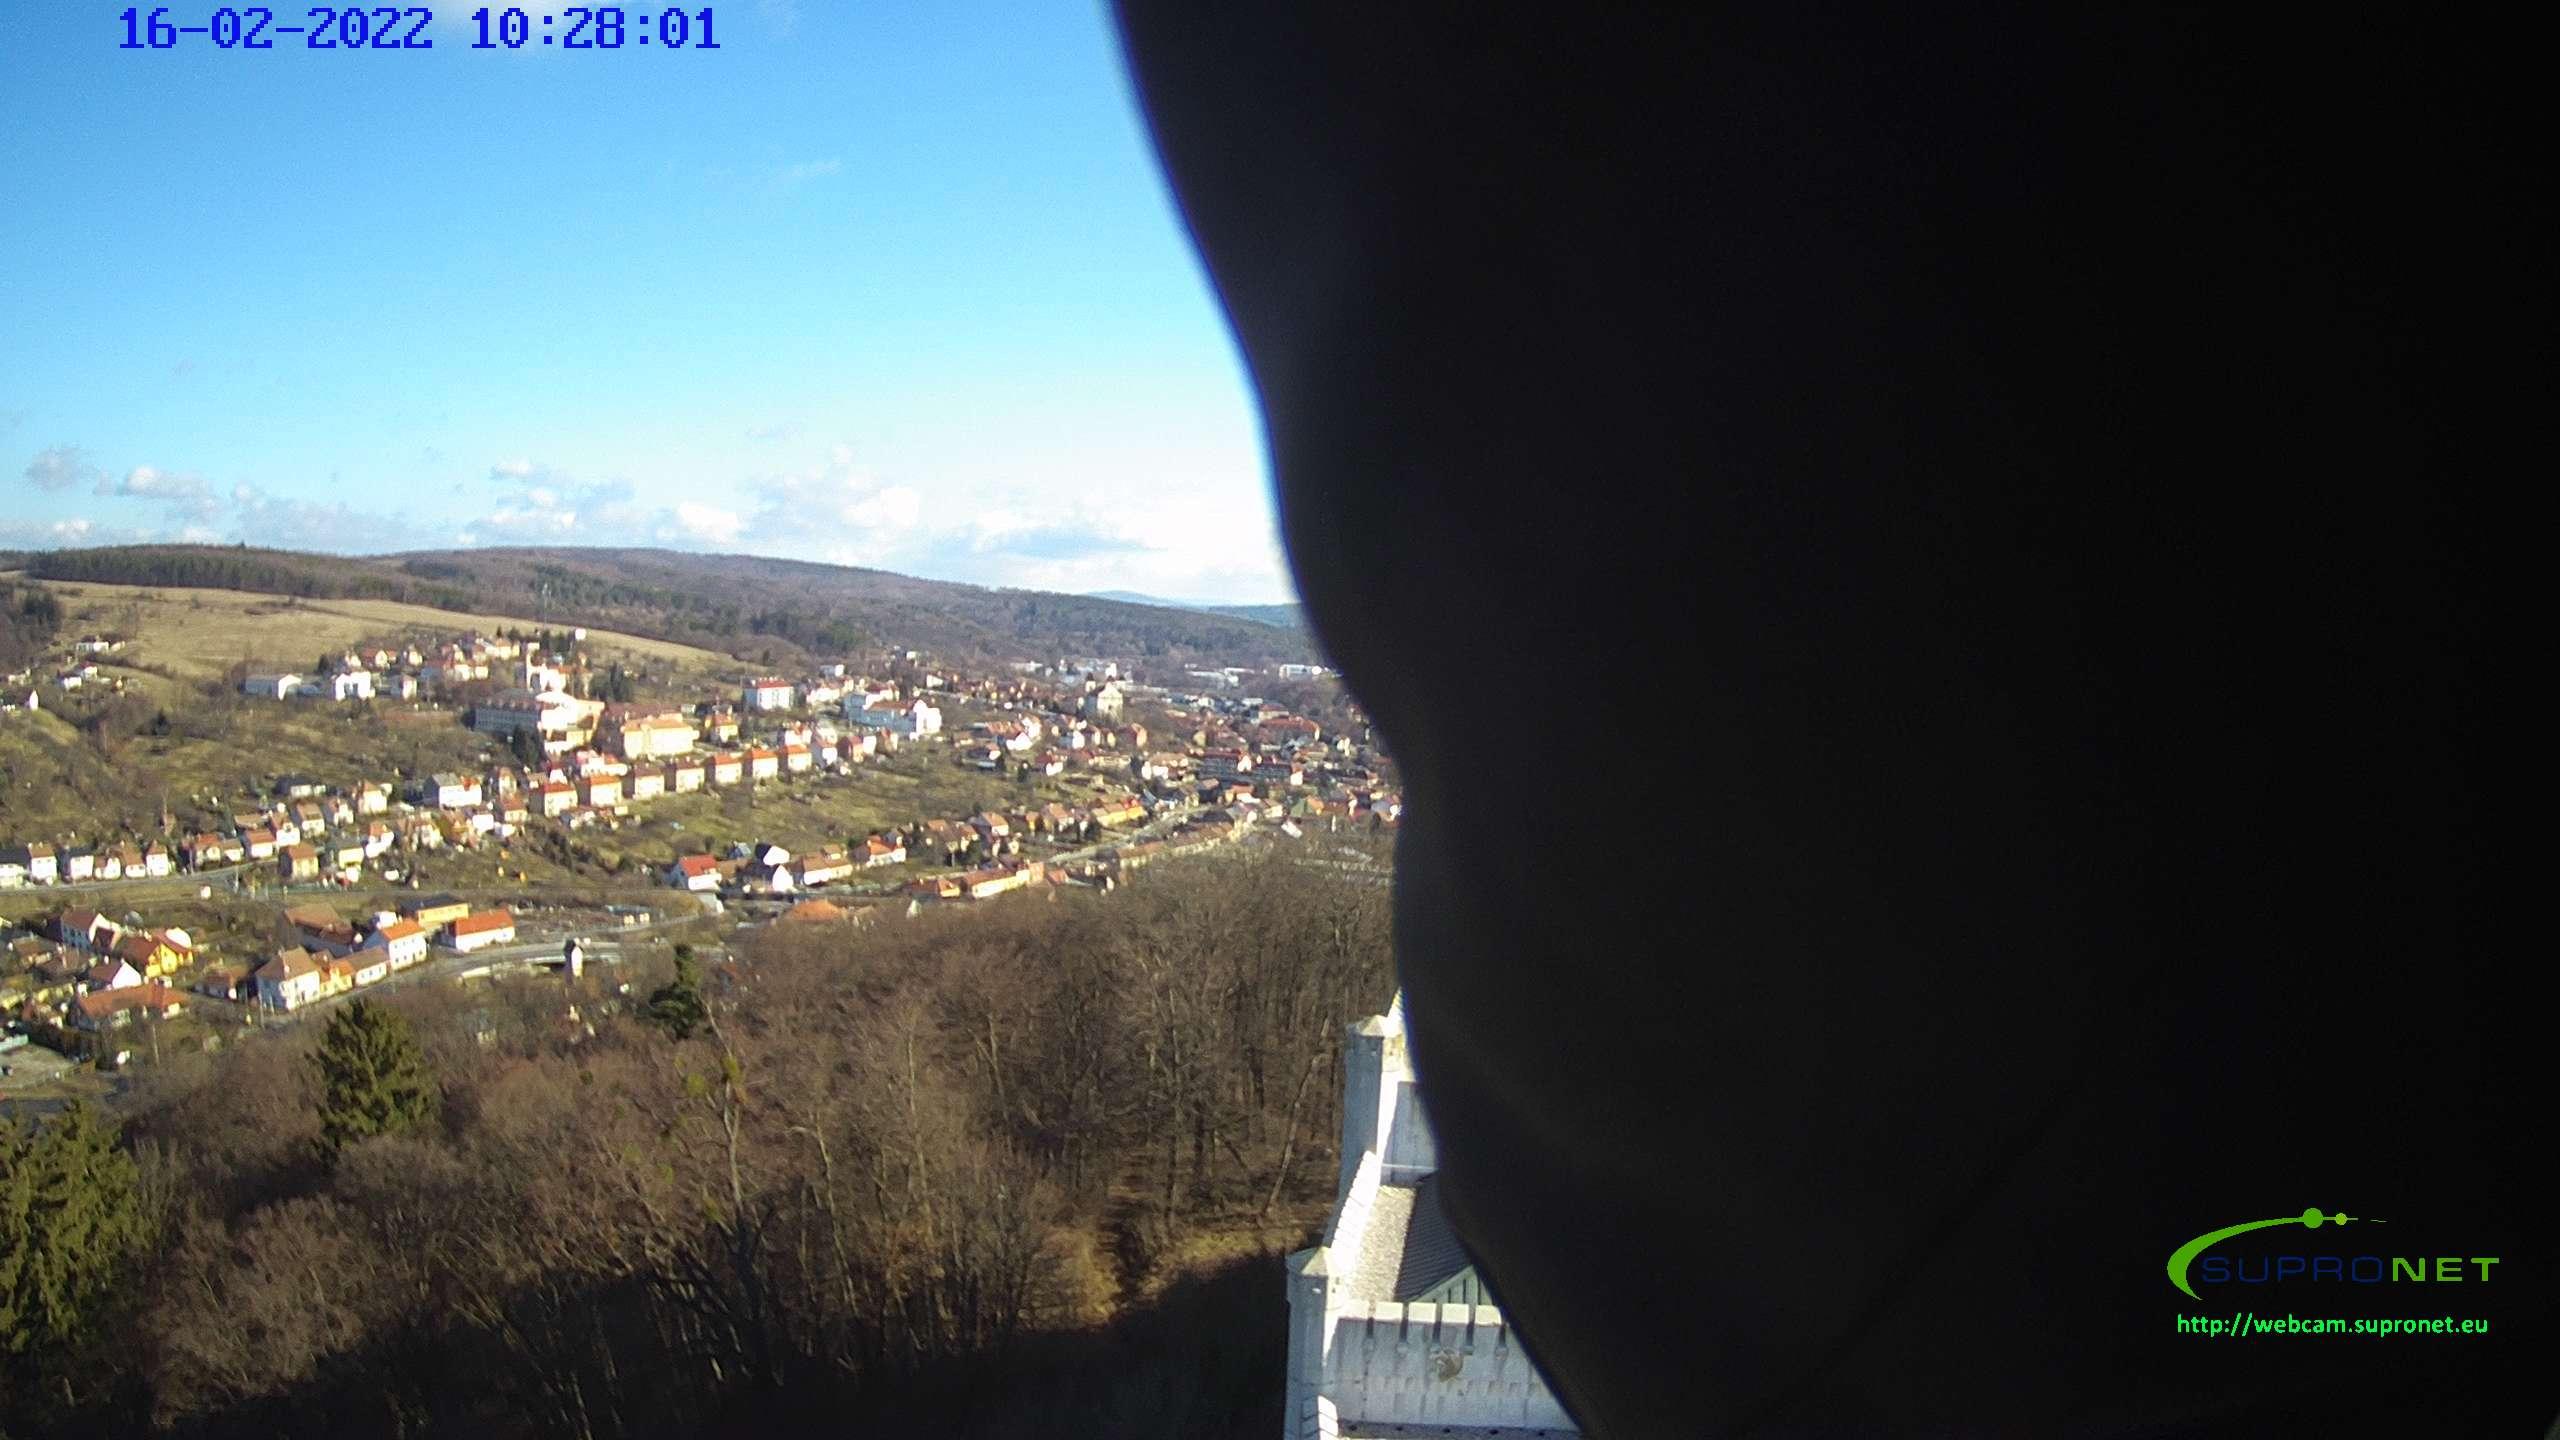 Pohled na město Bojkovice z věže zámku Nový Světlov